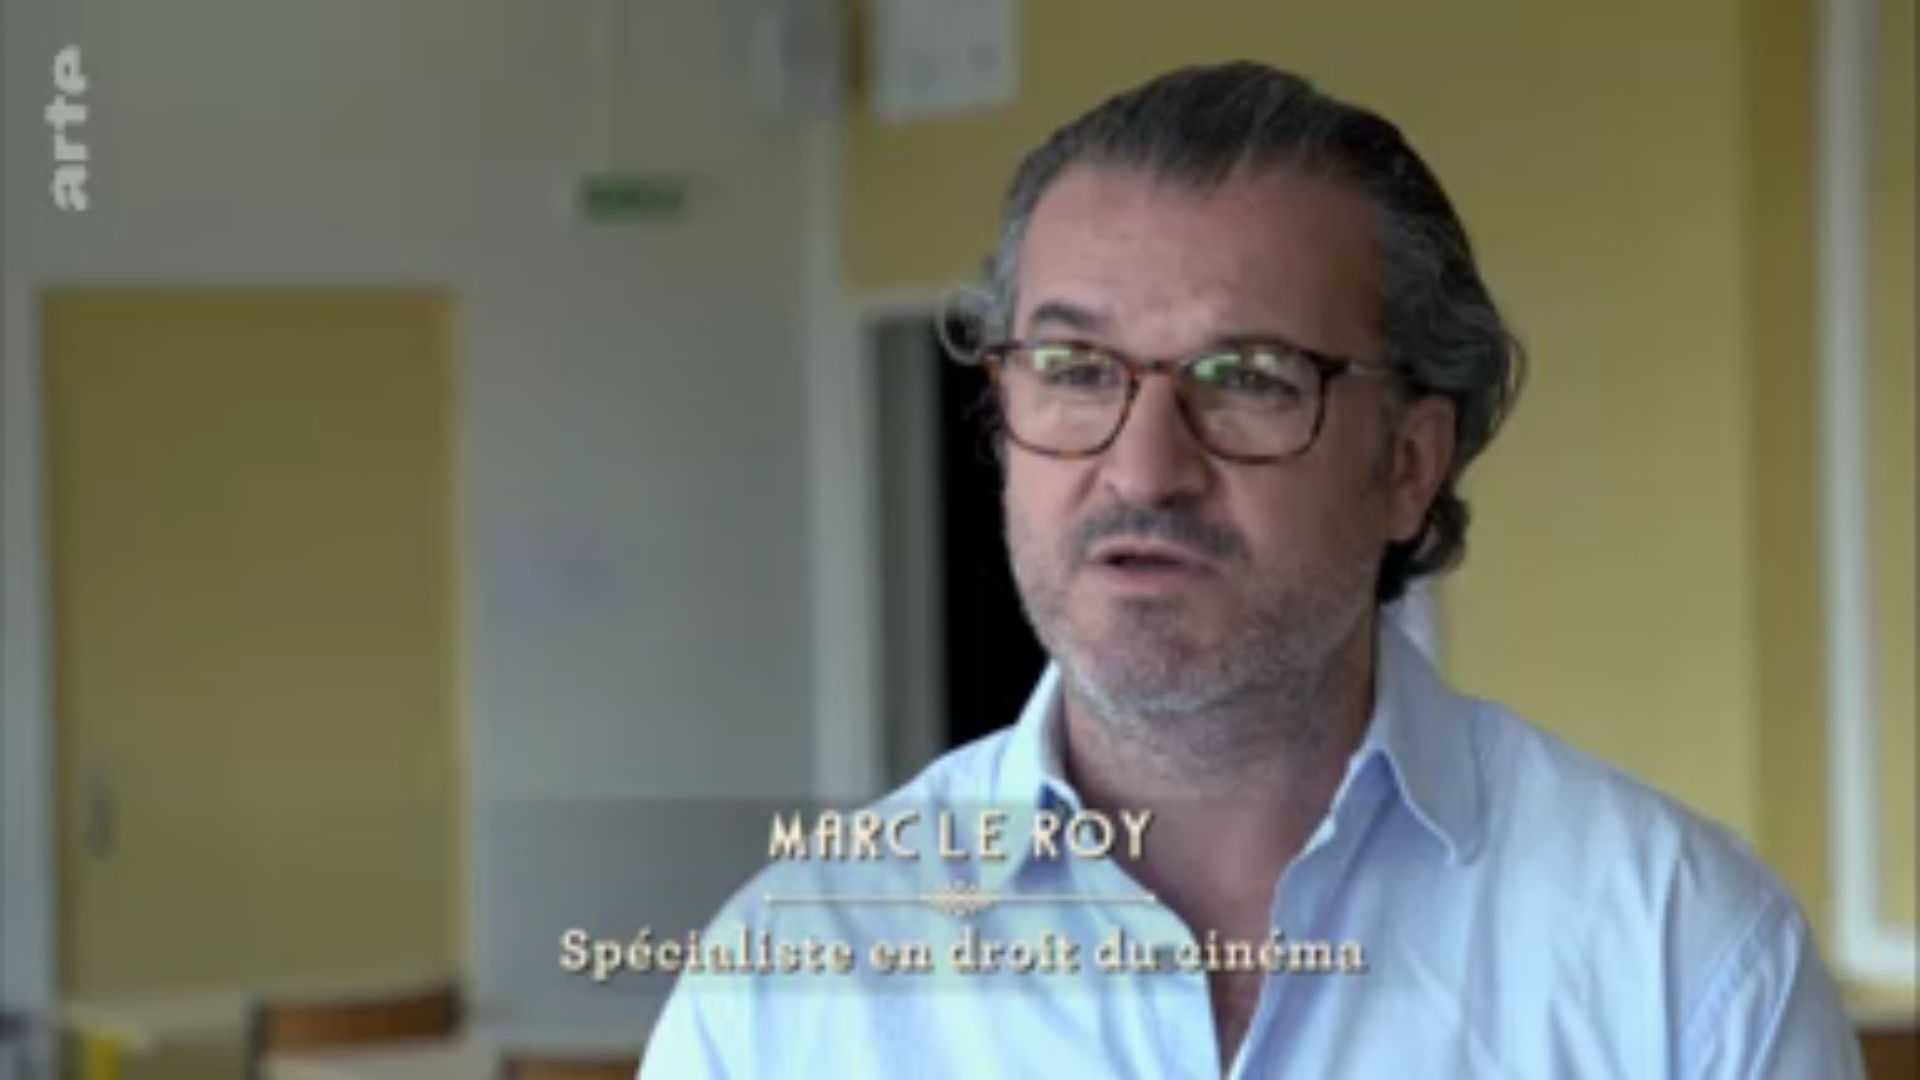 Marc Le Roy